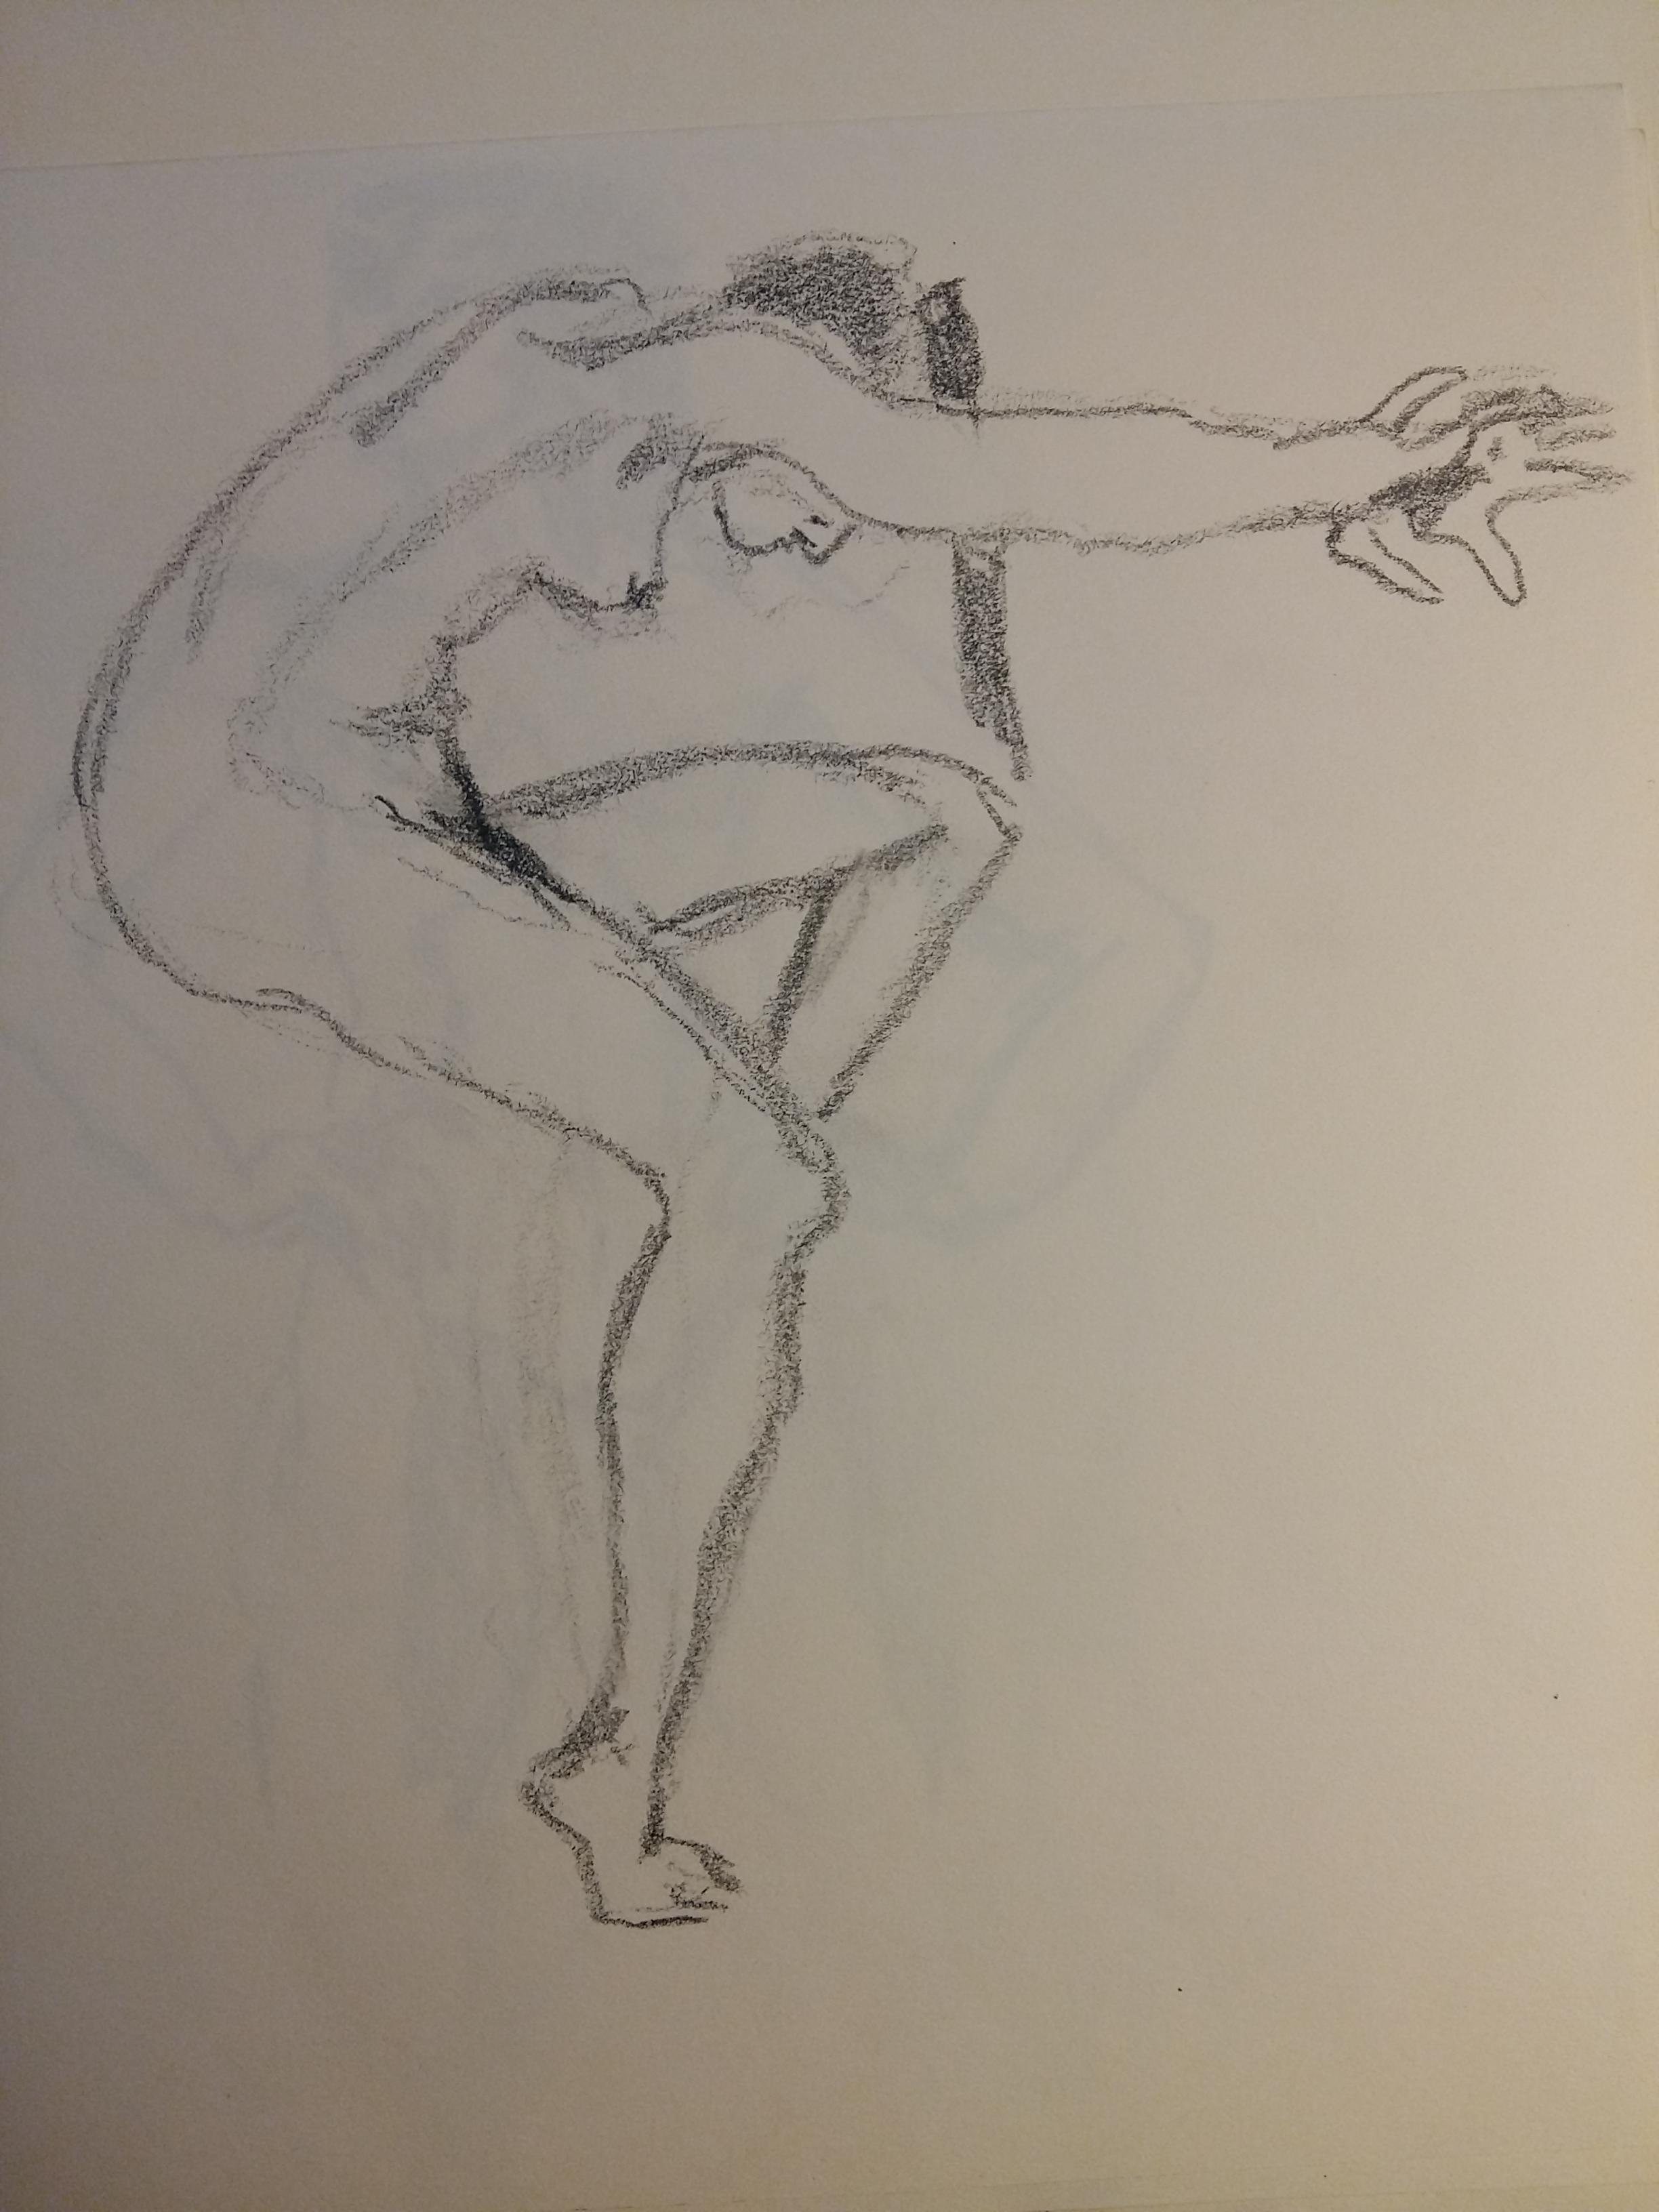 Esquisse sur papier graphite en valeur  cours de dessin